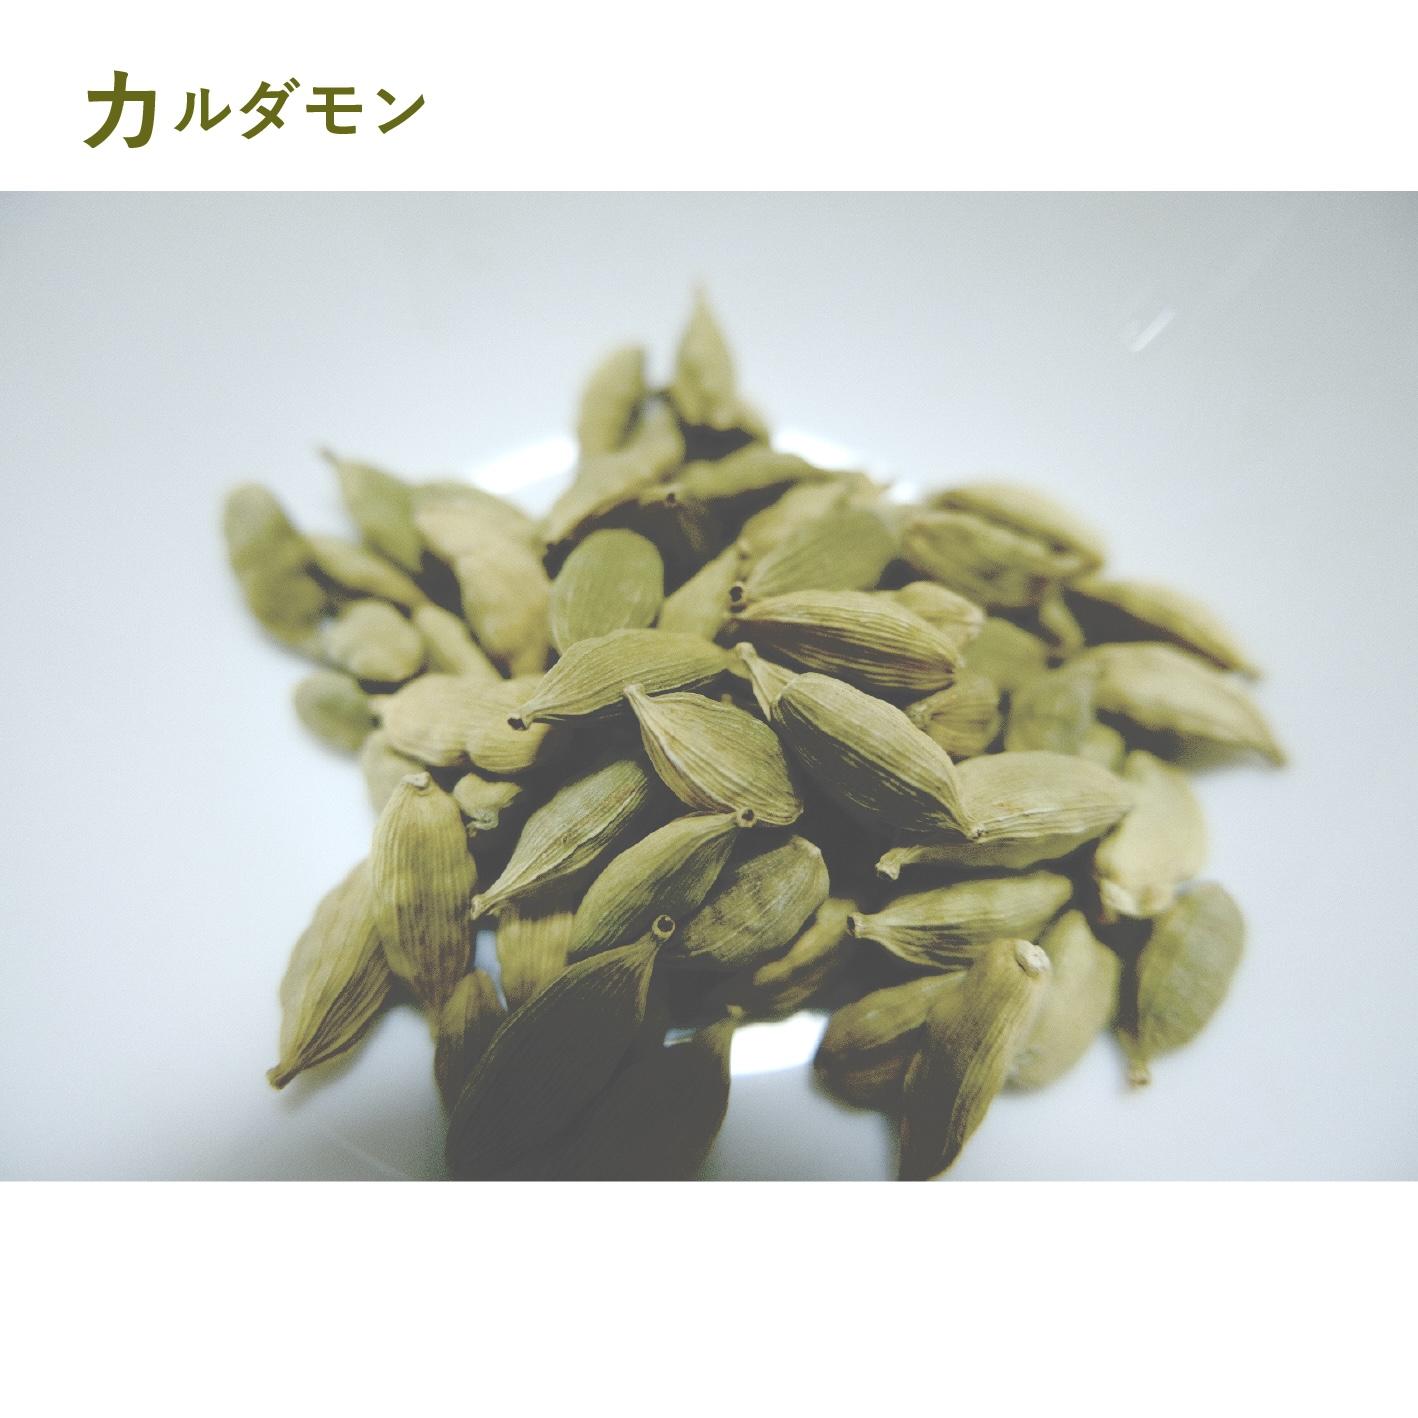 クラフトコーラの食材紹介 vol.1 カルダモン